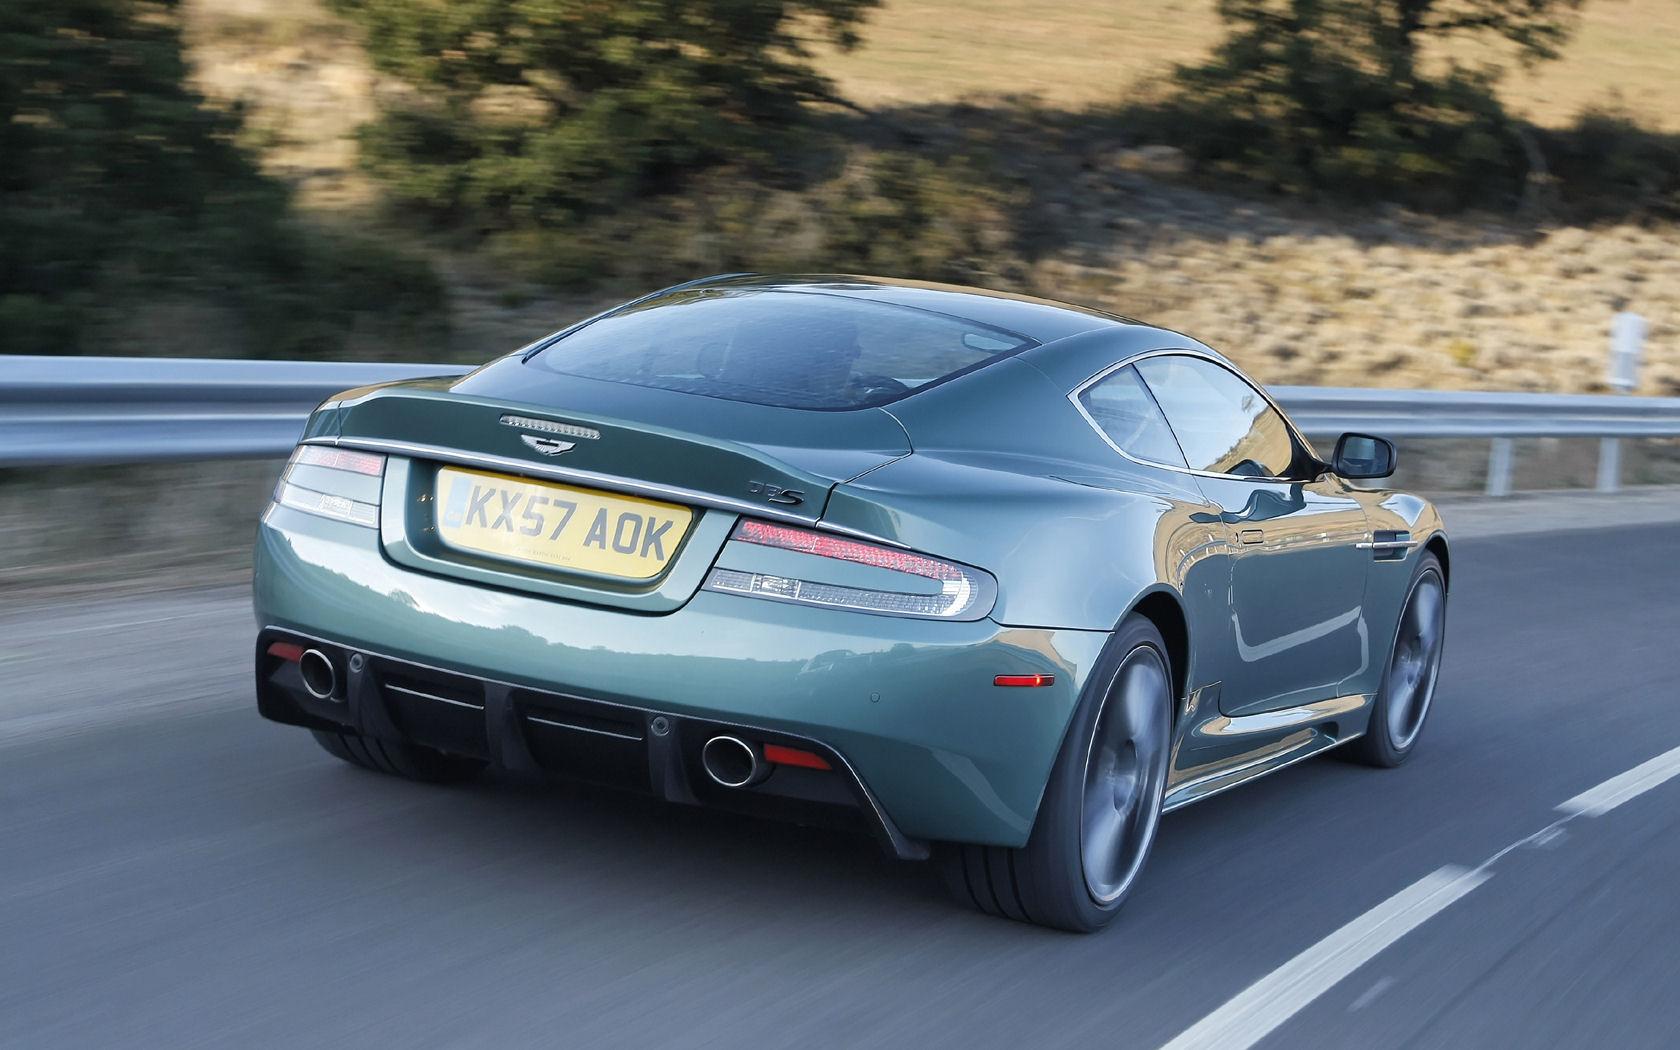 Aston Martin DBS, V12 Coupe, Volante Convertible